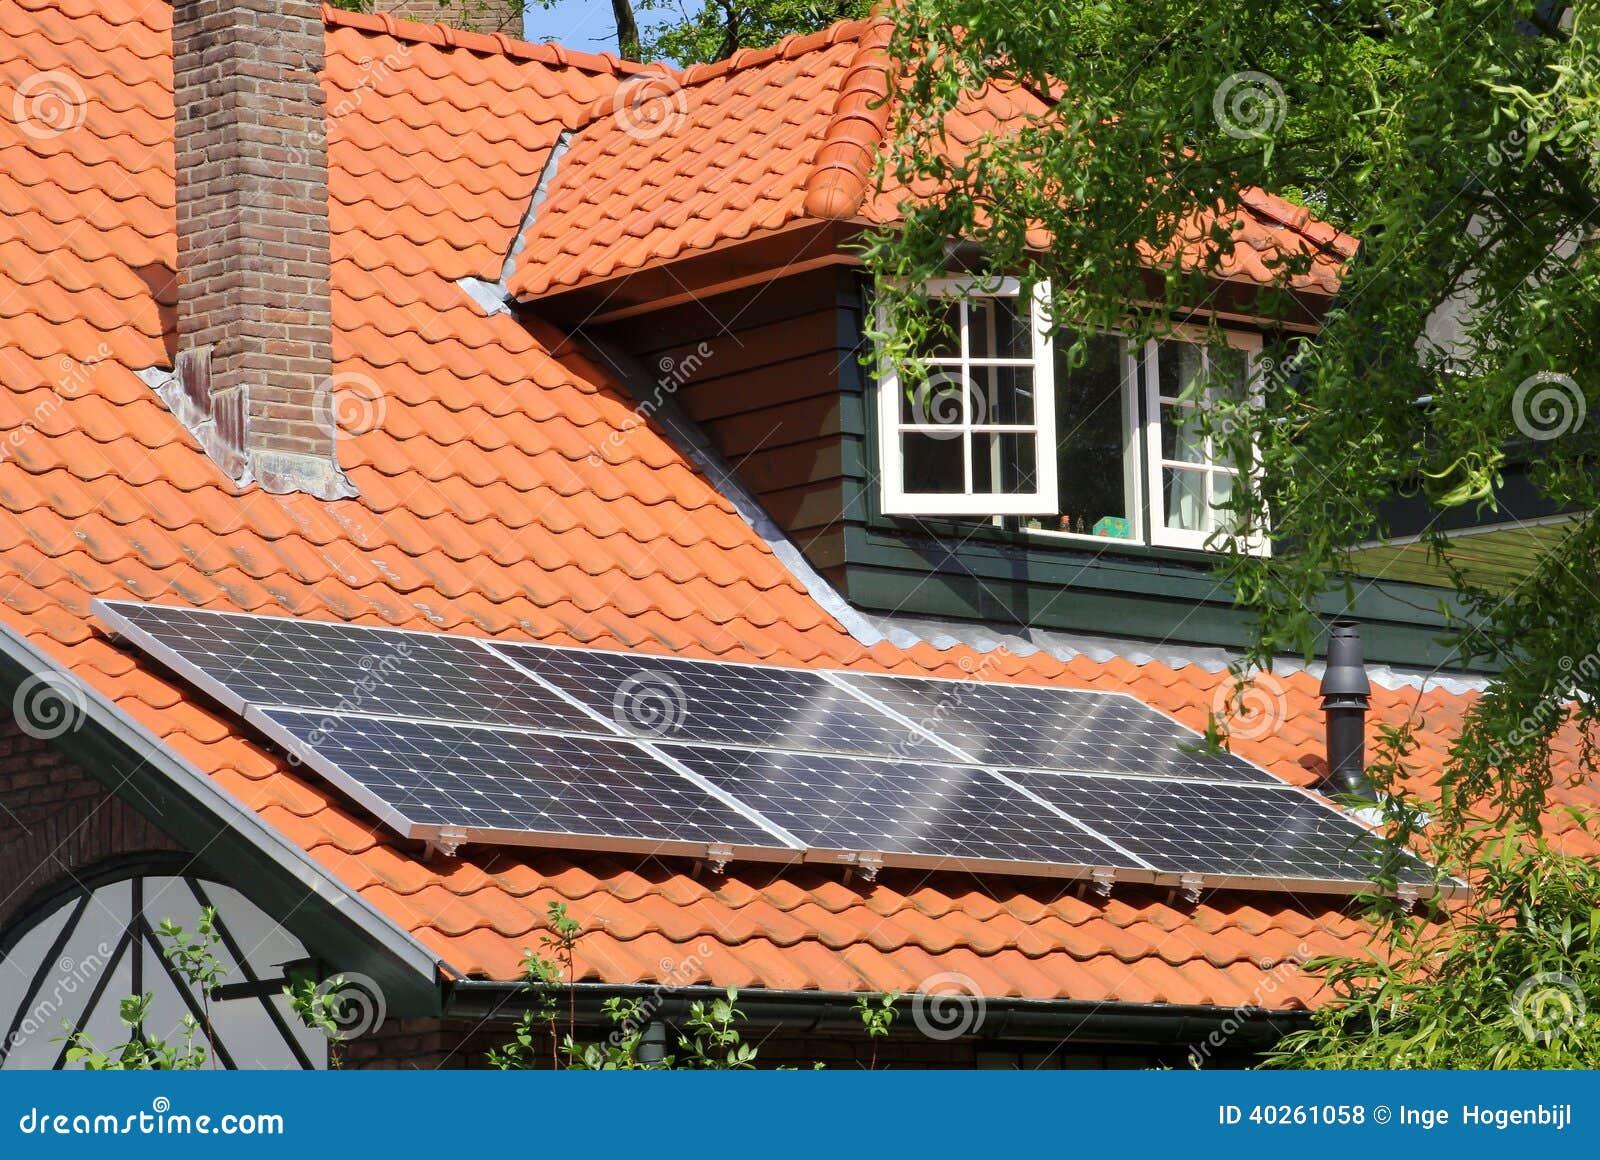 Captivant Toit De Maison Moderne Avec Les Panneaux Solaires Et Les Tuiles Rouges